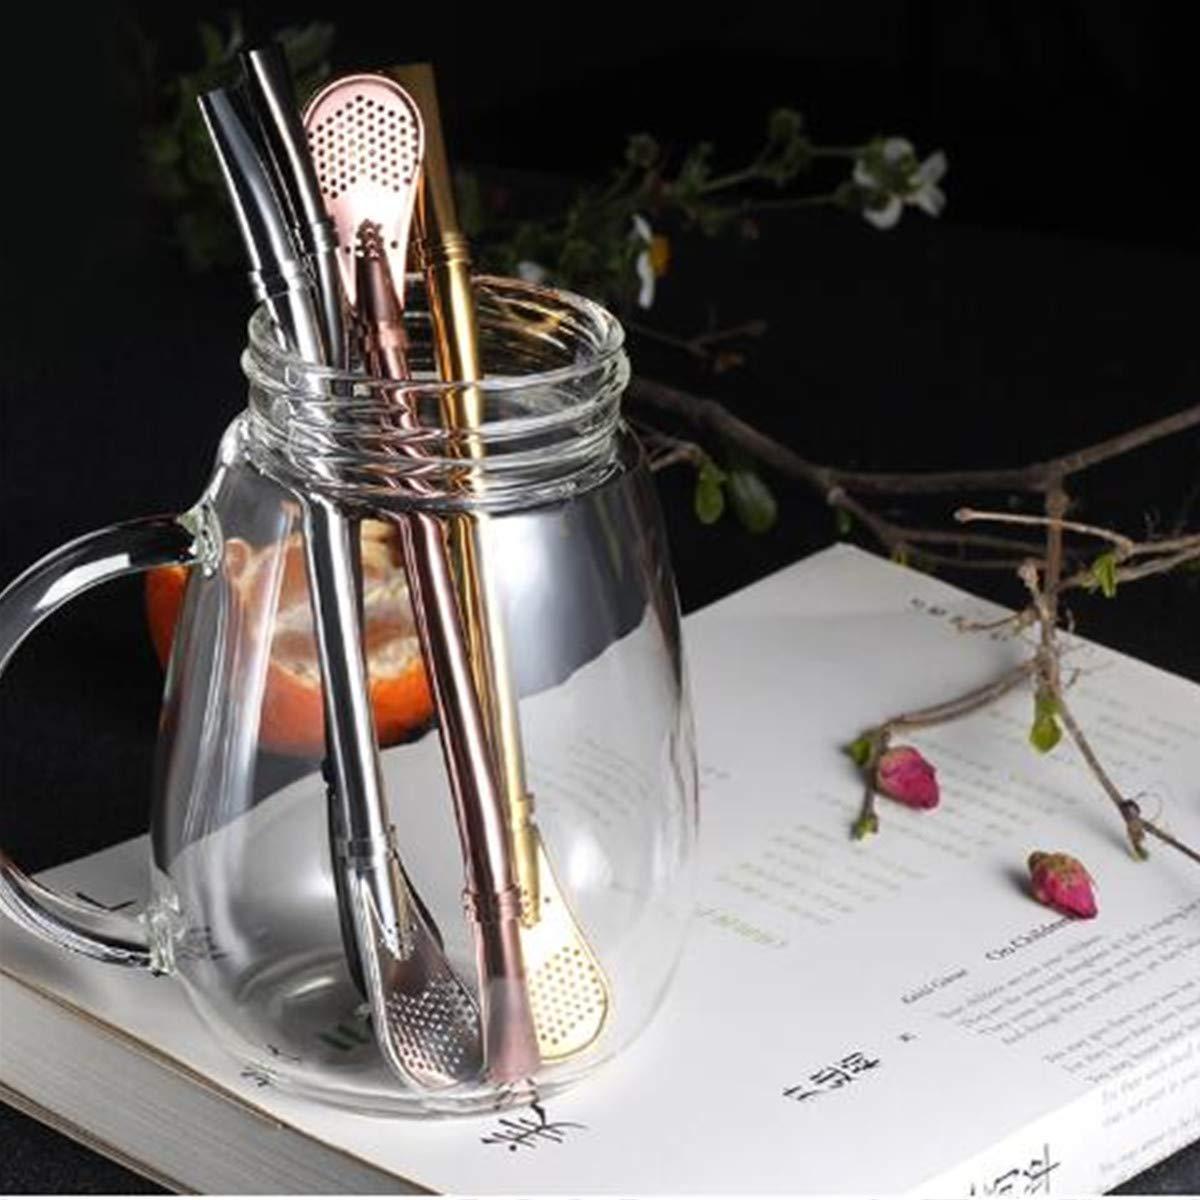 Bombillas Trinkhalme mit Reinigungsbürste für Smoothie, Milchshake und Heißgetränke, Kaffee, Yerba Mate, Strohhalm, Teelöffel, 4 Stück